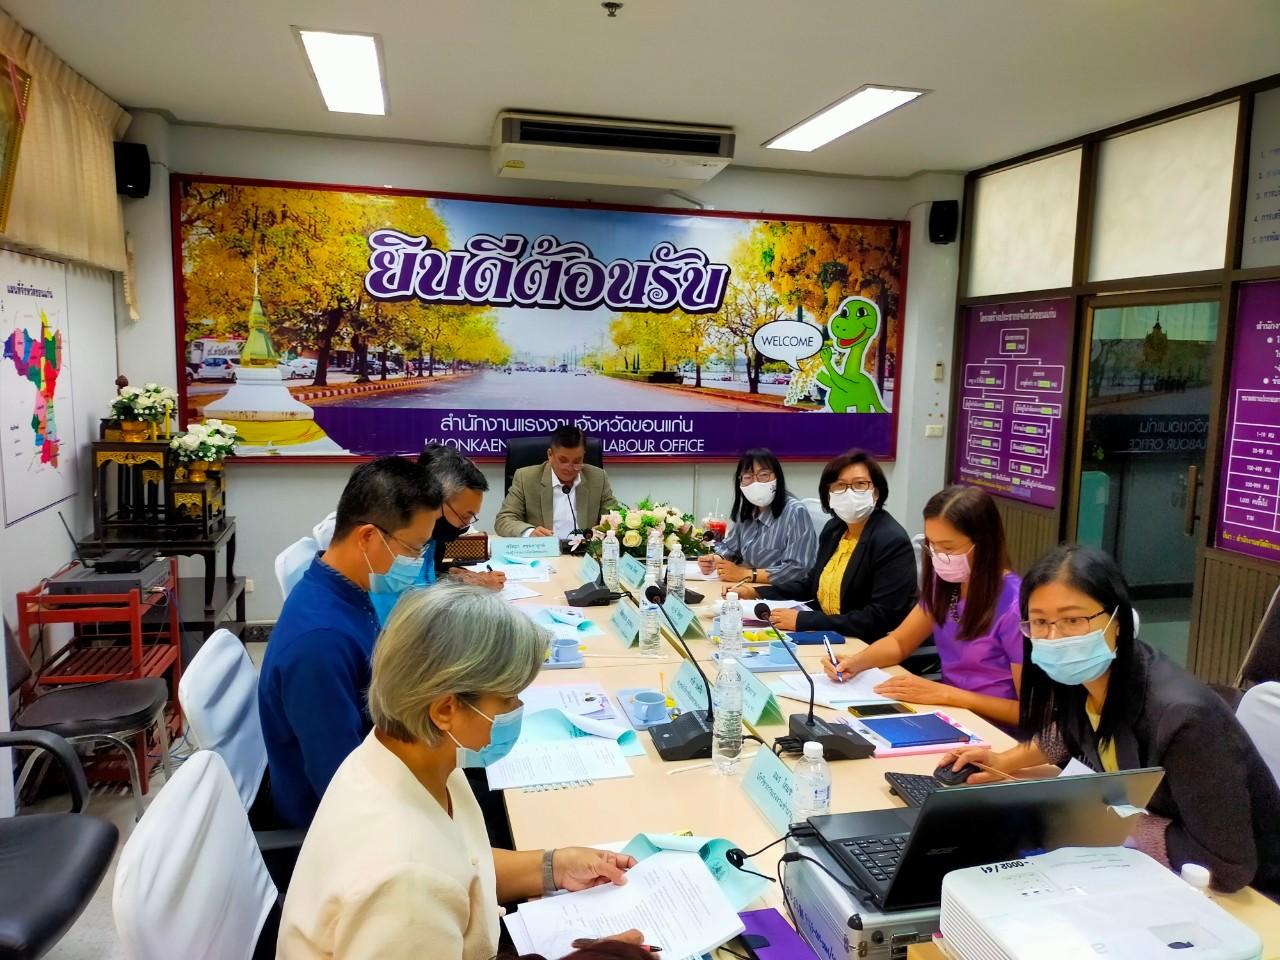 สำนักงานแรงงานจังหวัดขอนแก่นจัดประชุมหัวหน้าส่วนราชการ สังกัดกระทรวงแรงงานจังหวัดขอนแก่น ครั้งที่ 4/2564